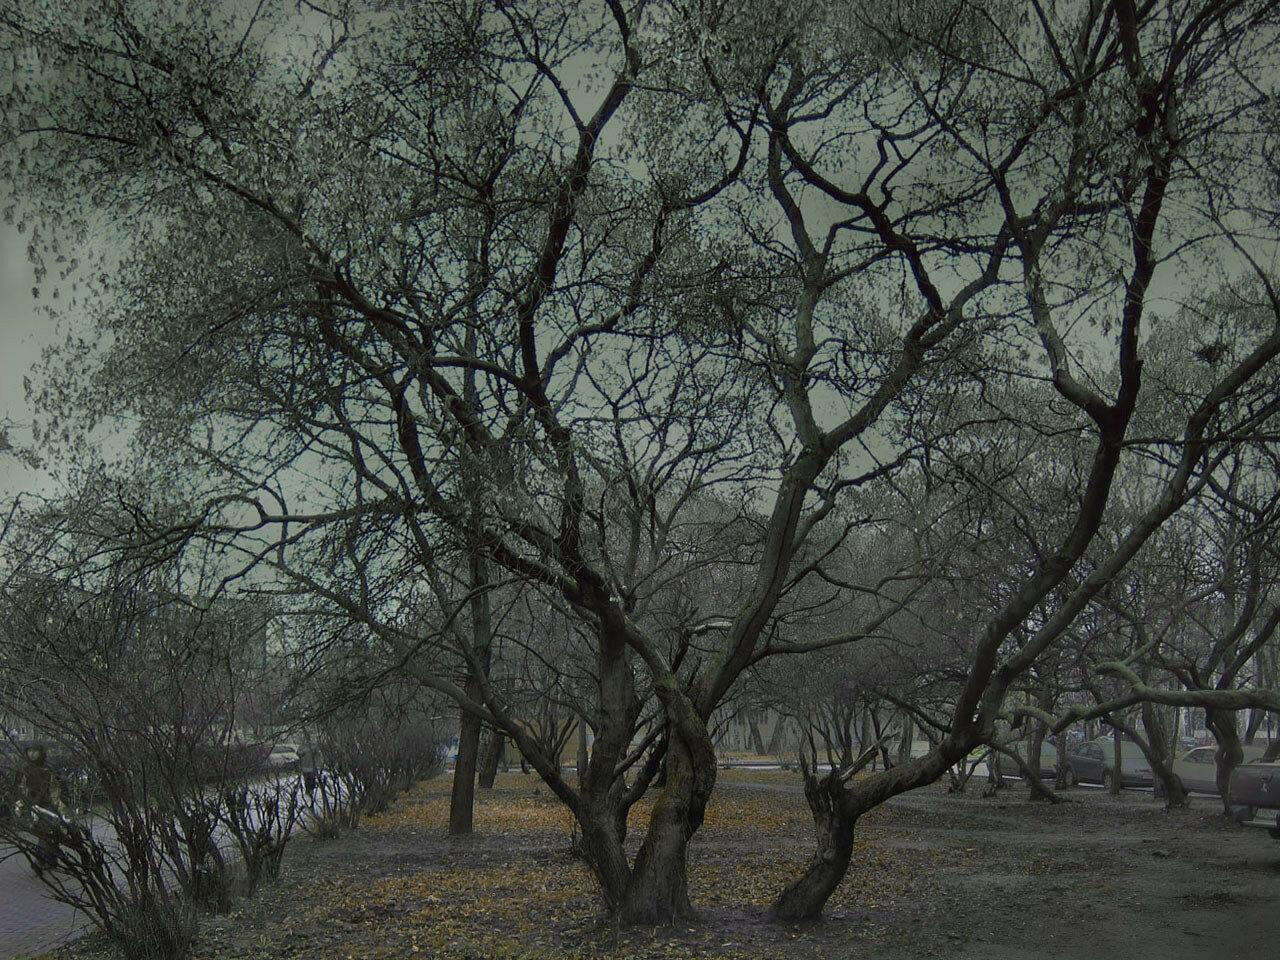 Поздняя осень. Автор фото: Юрий Семенов